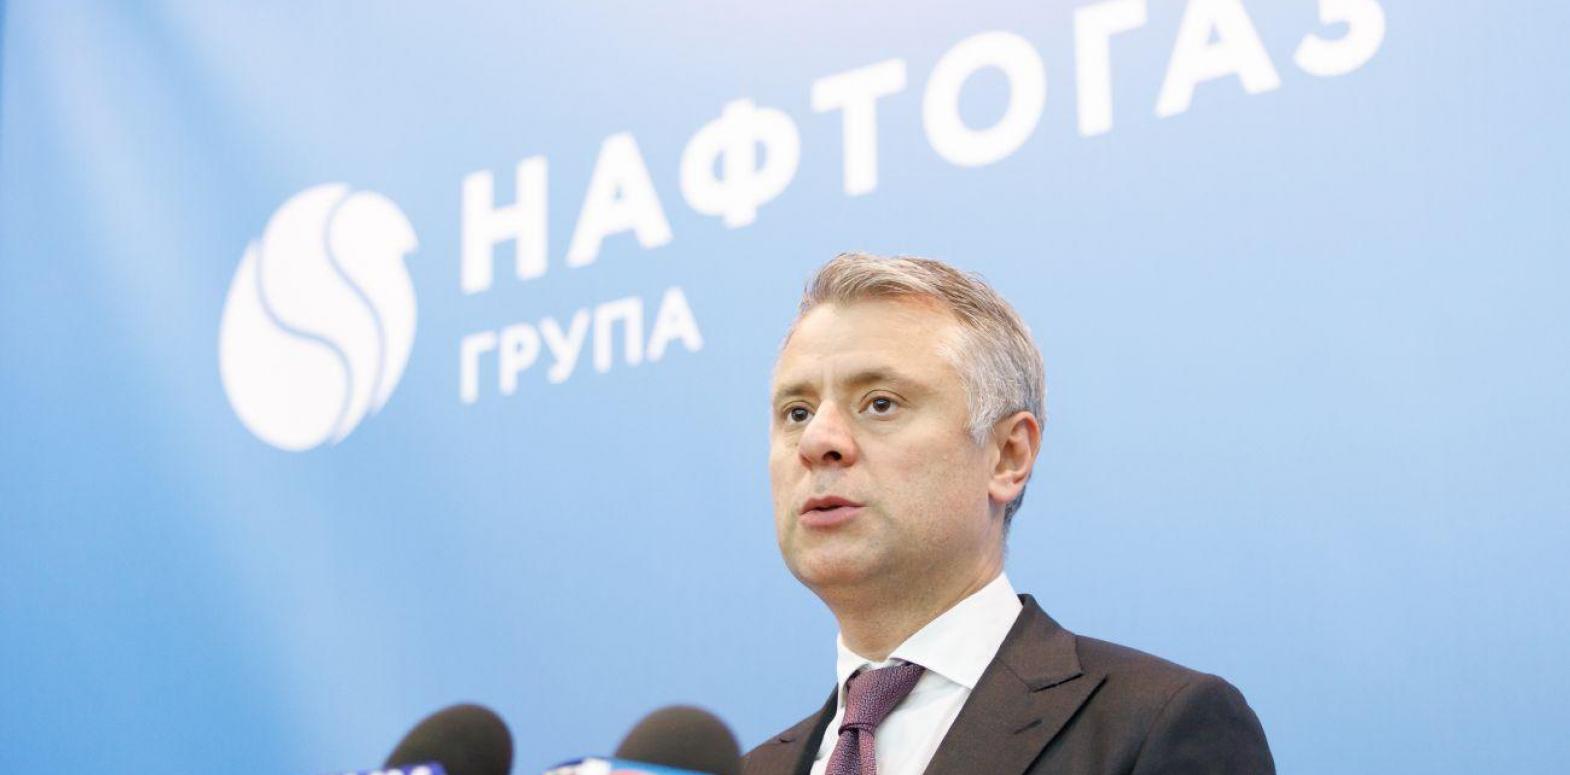 Витренко надеется на снижение цен на газ весной следующего года